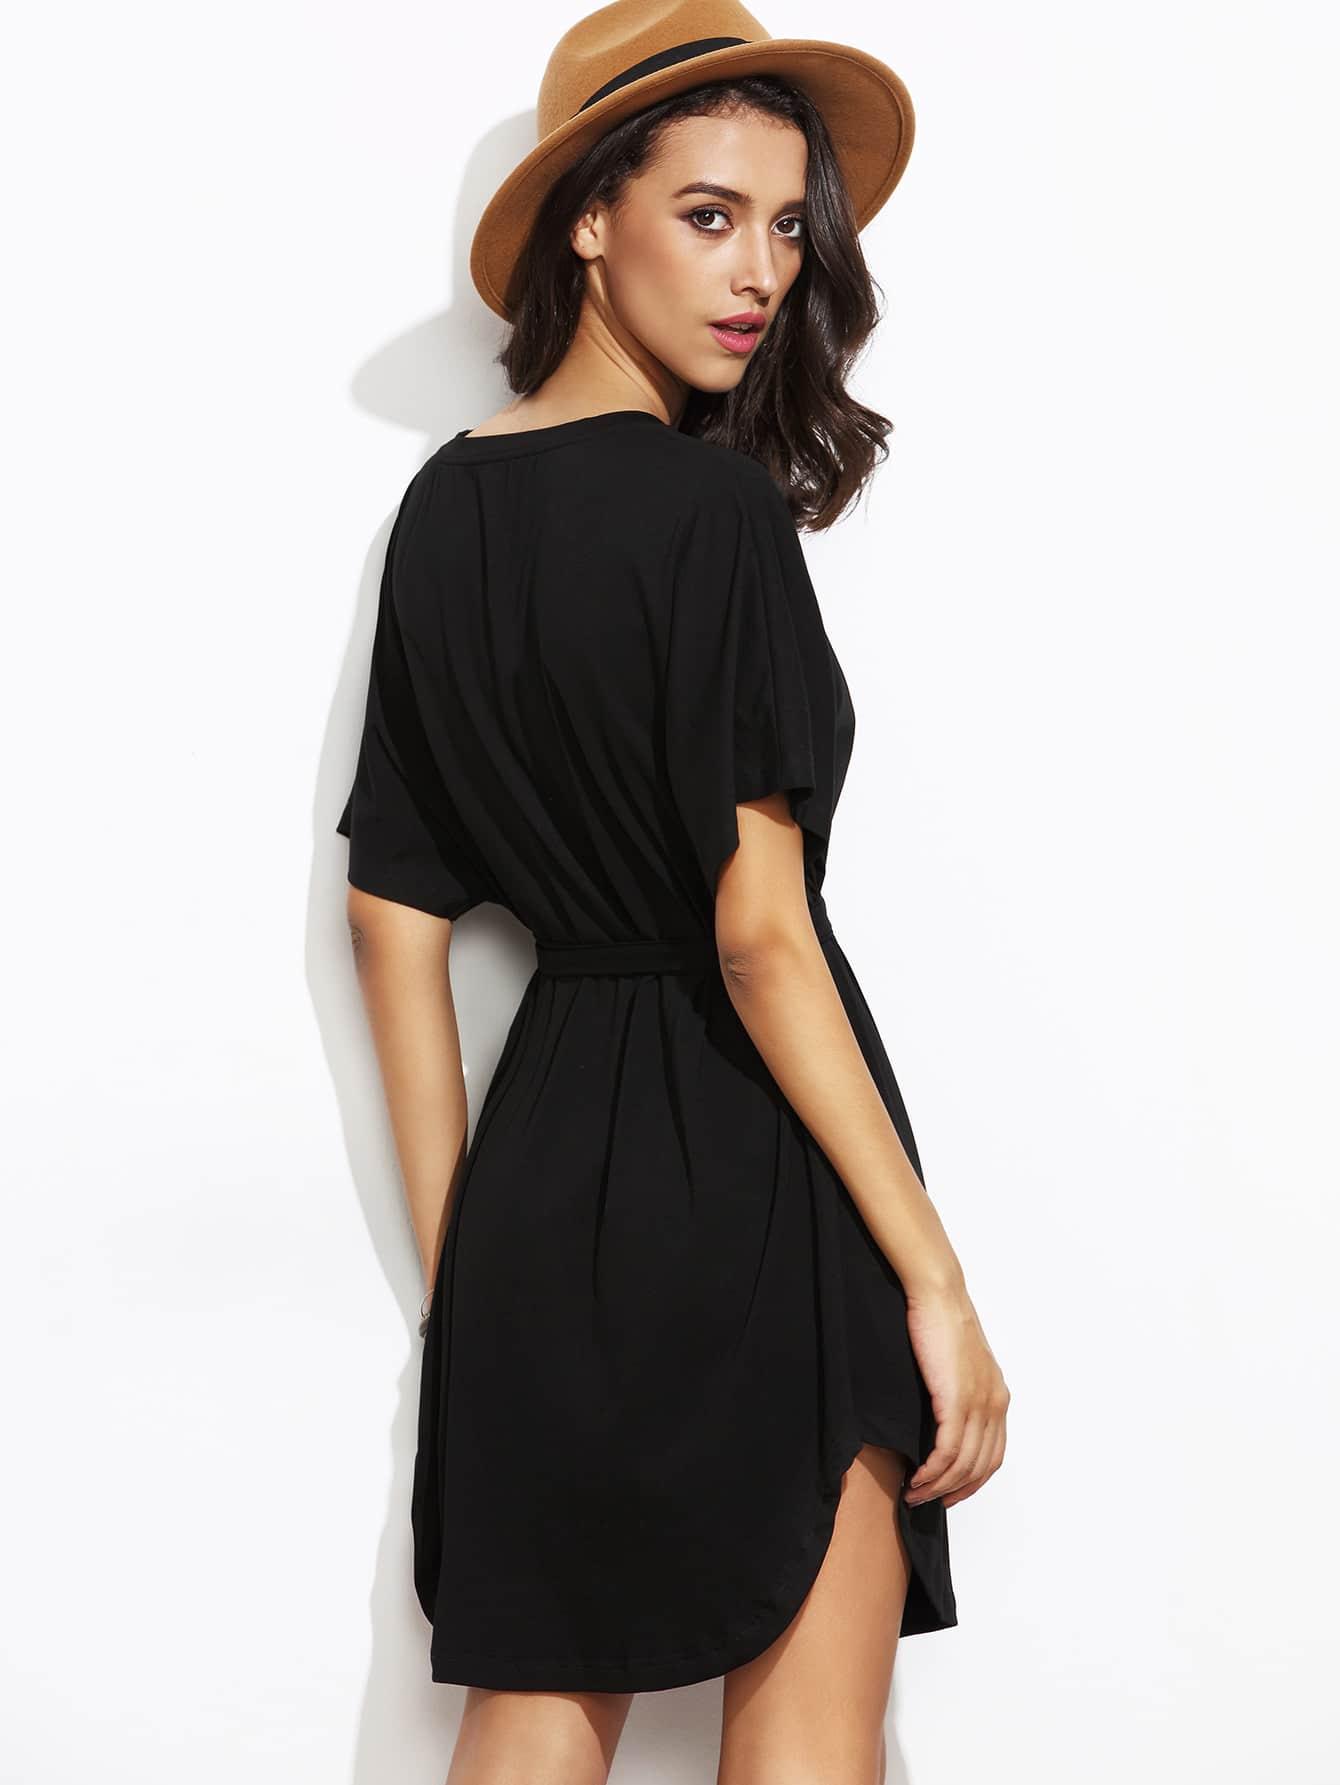 dress160816708_2